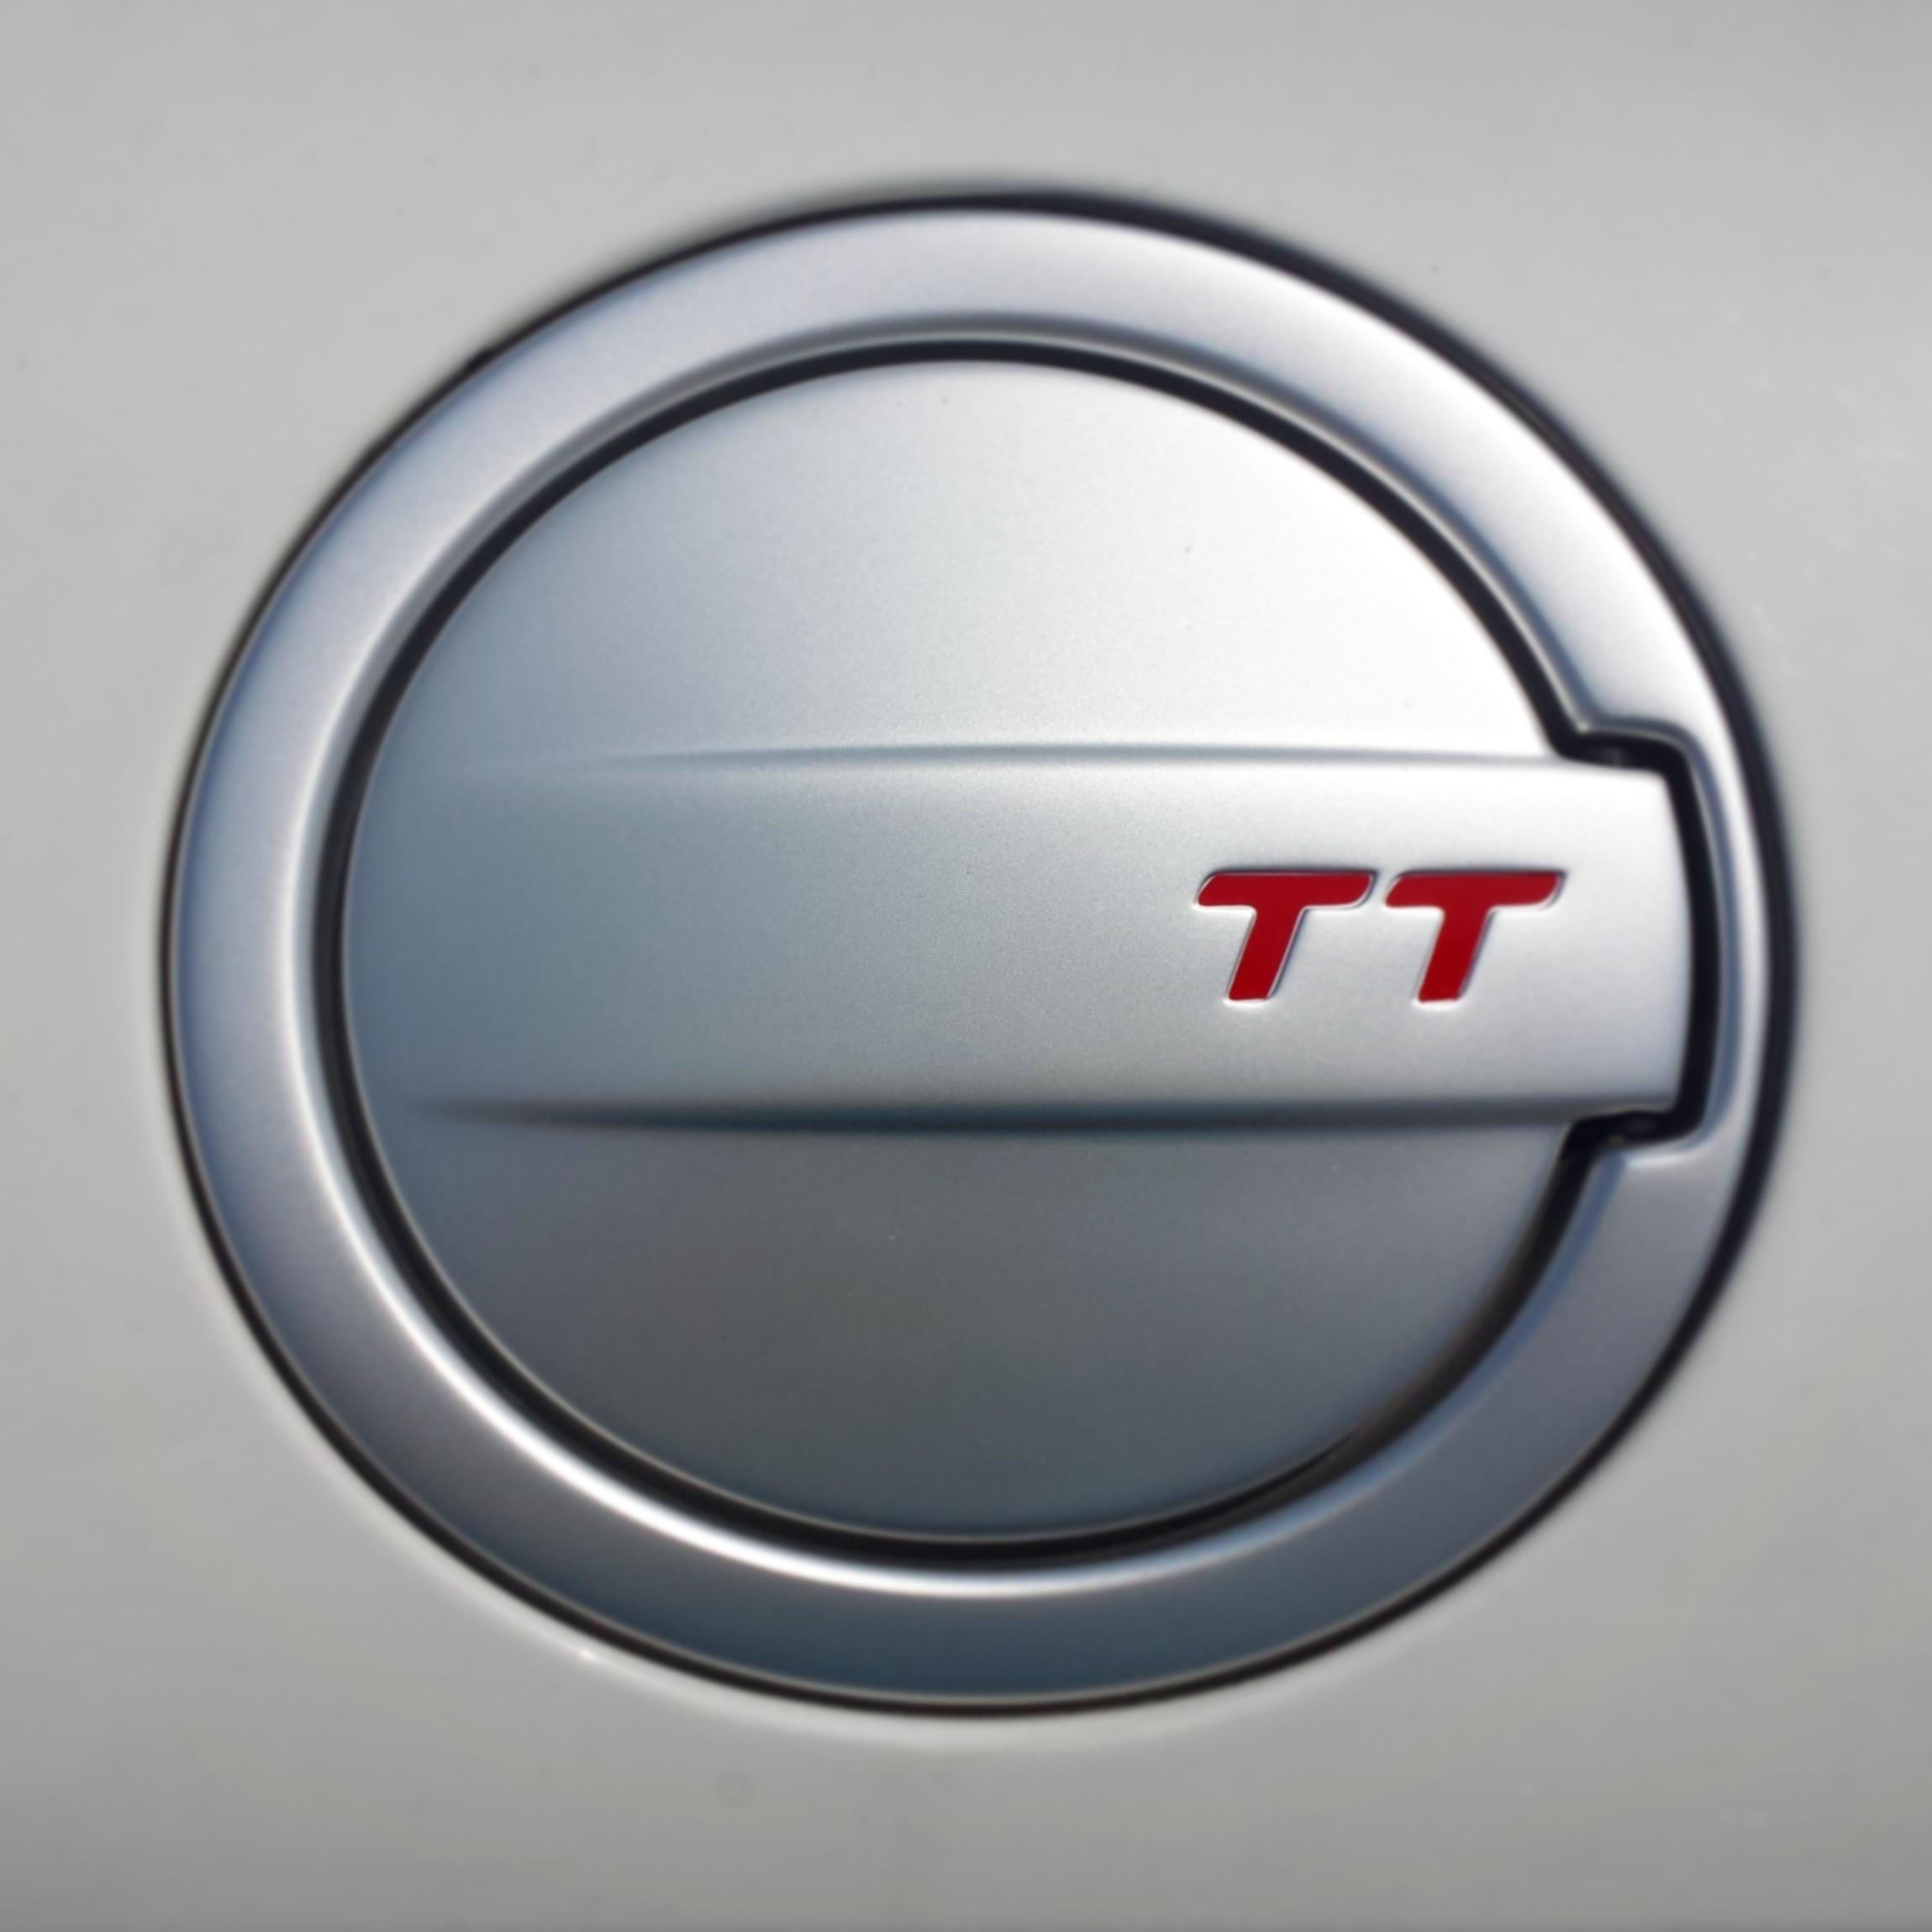 Audi Tt Fuel Door Badgeskin Mk2